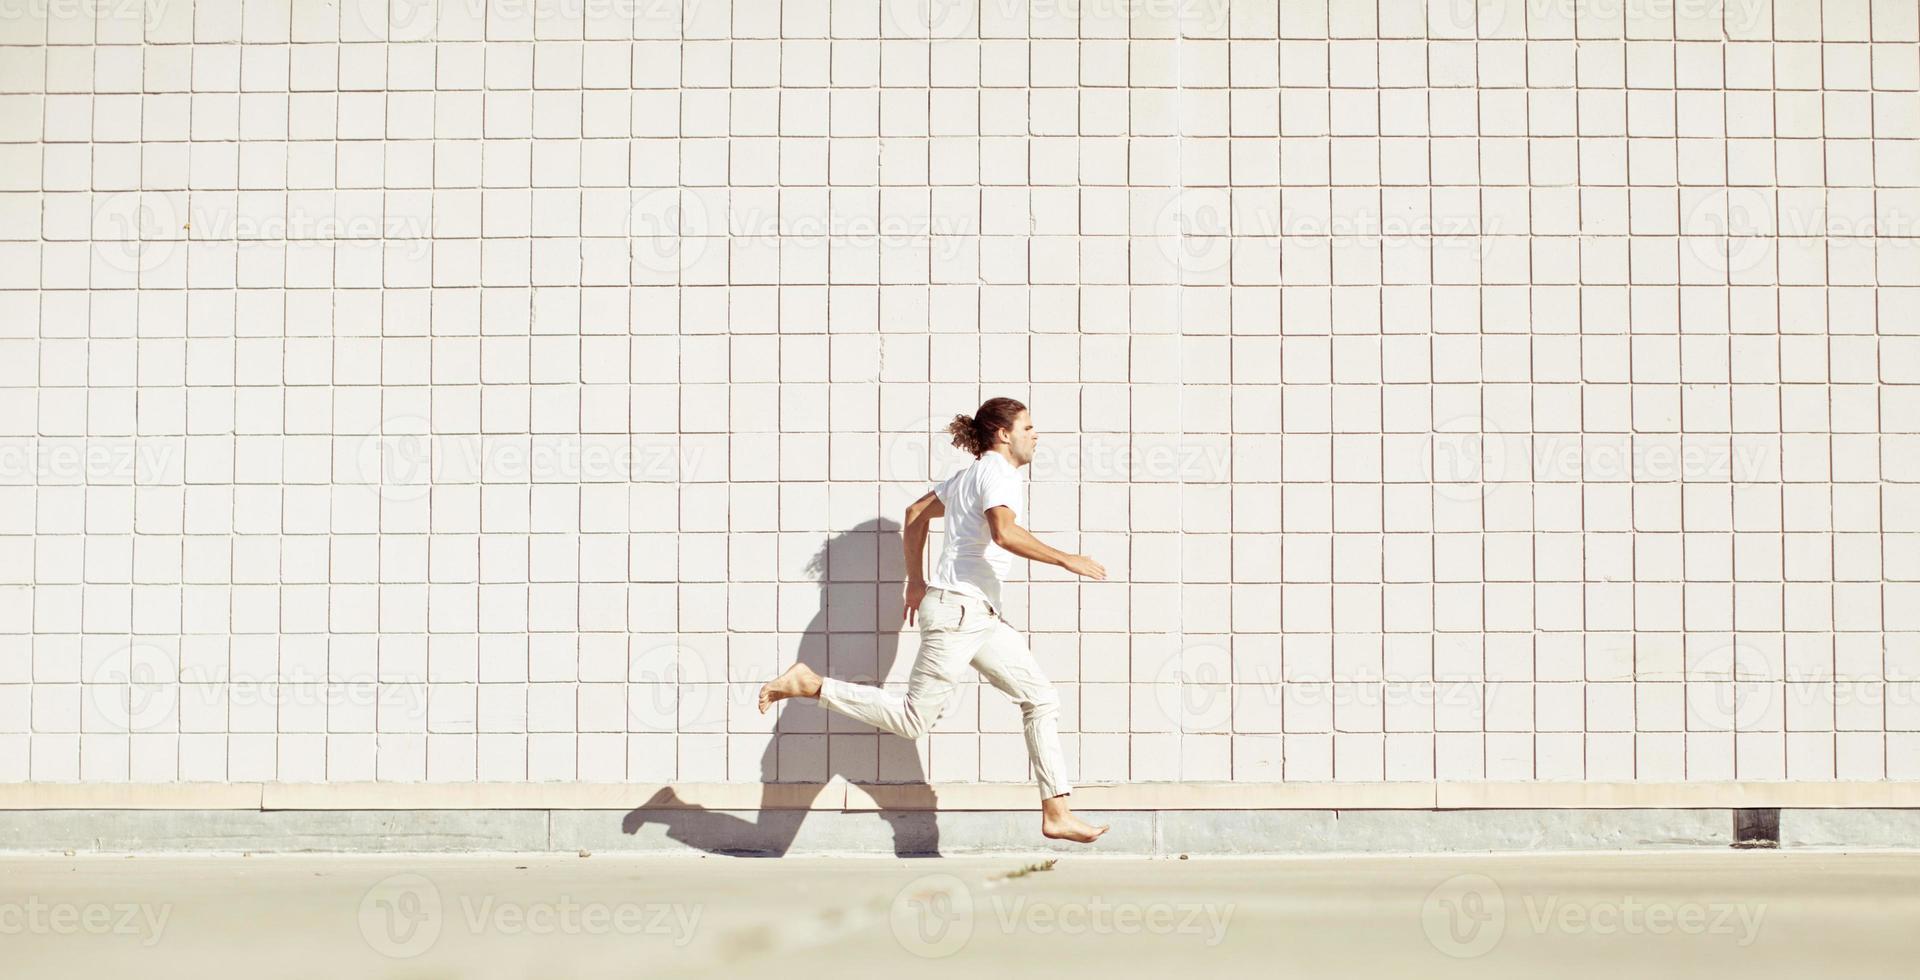 corredor libre descalzo (atleta parkour) vestido todo de blanco foto